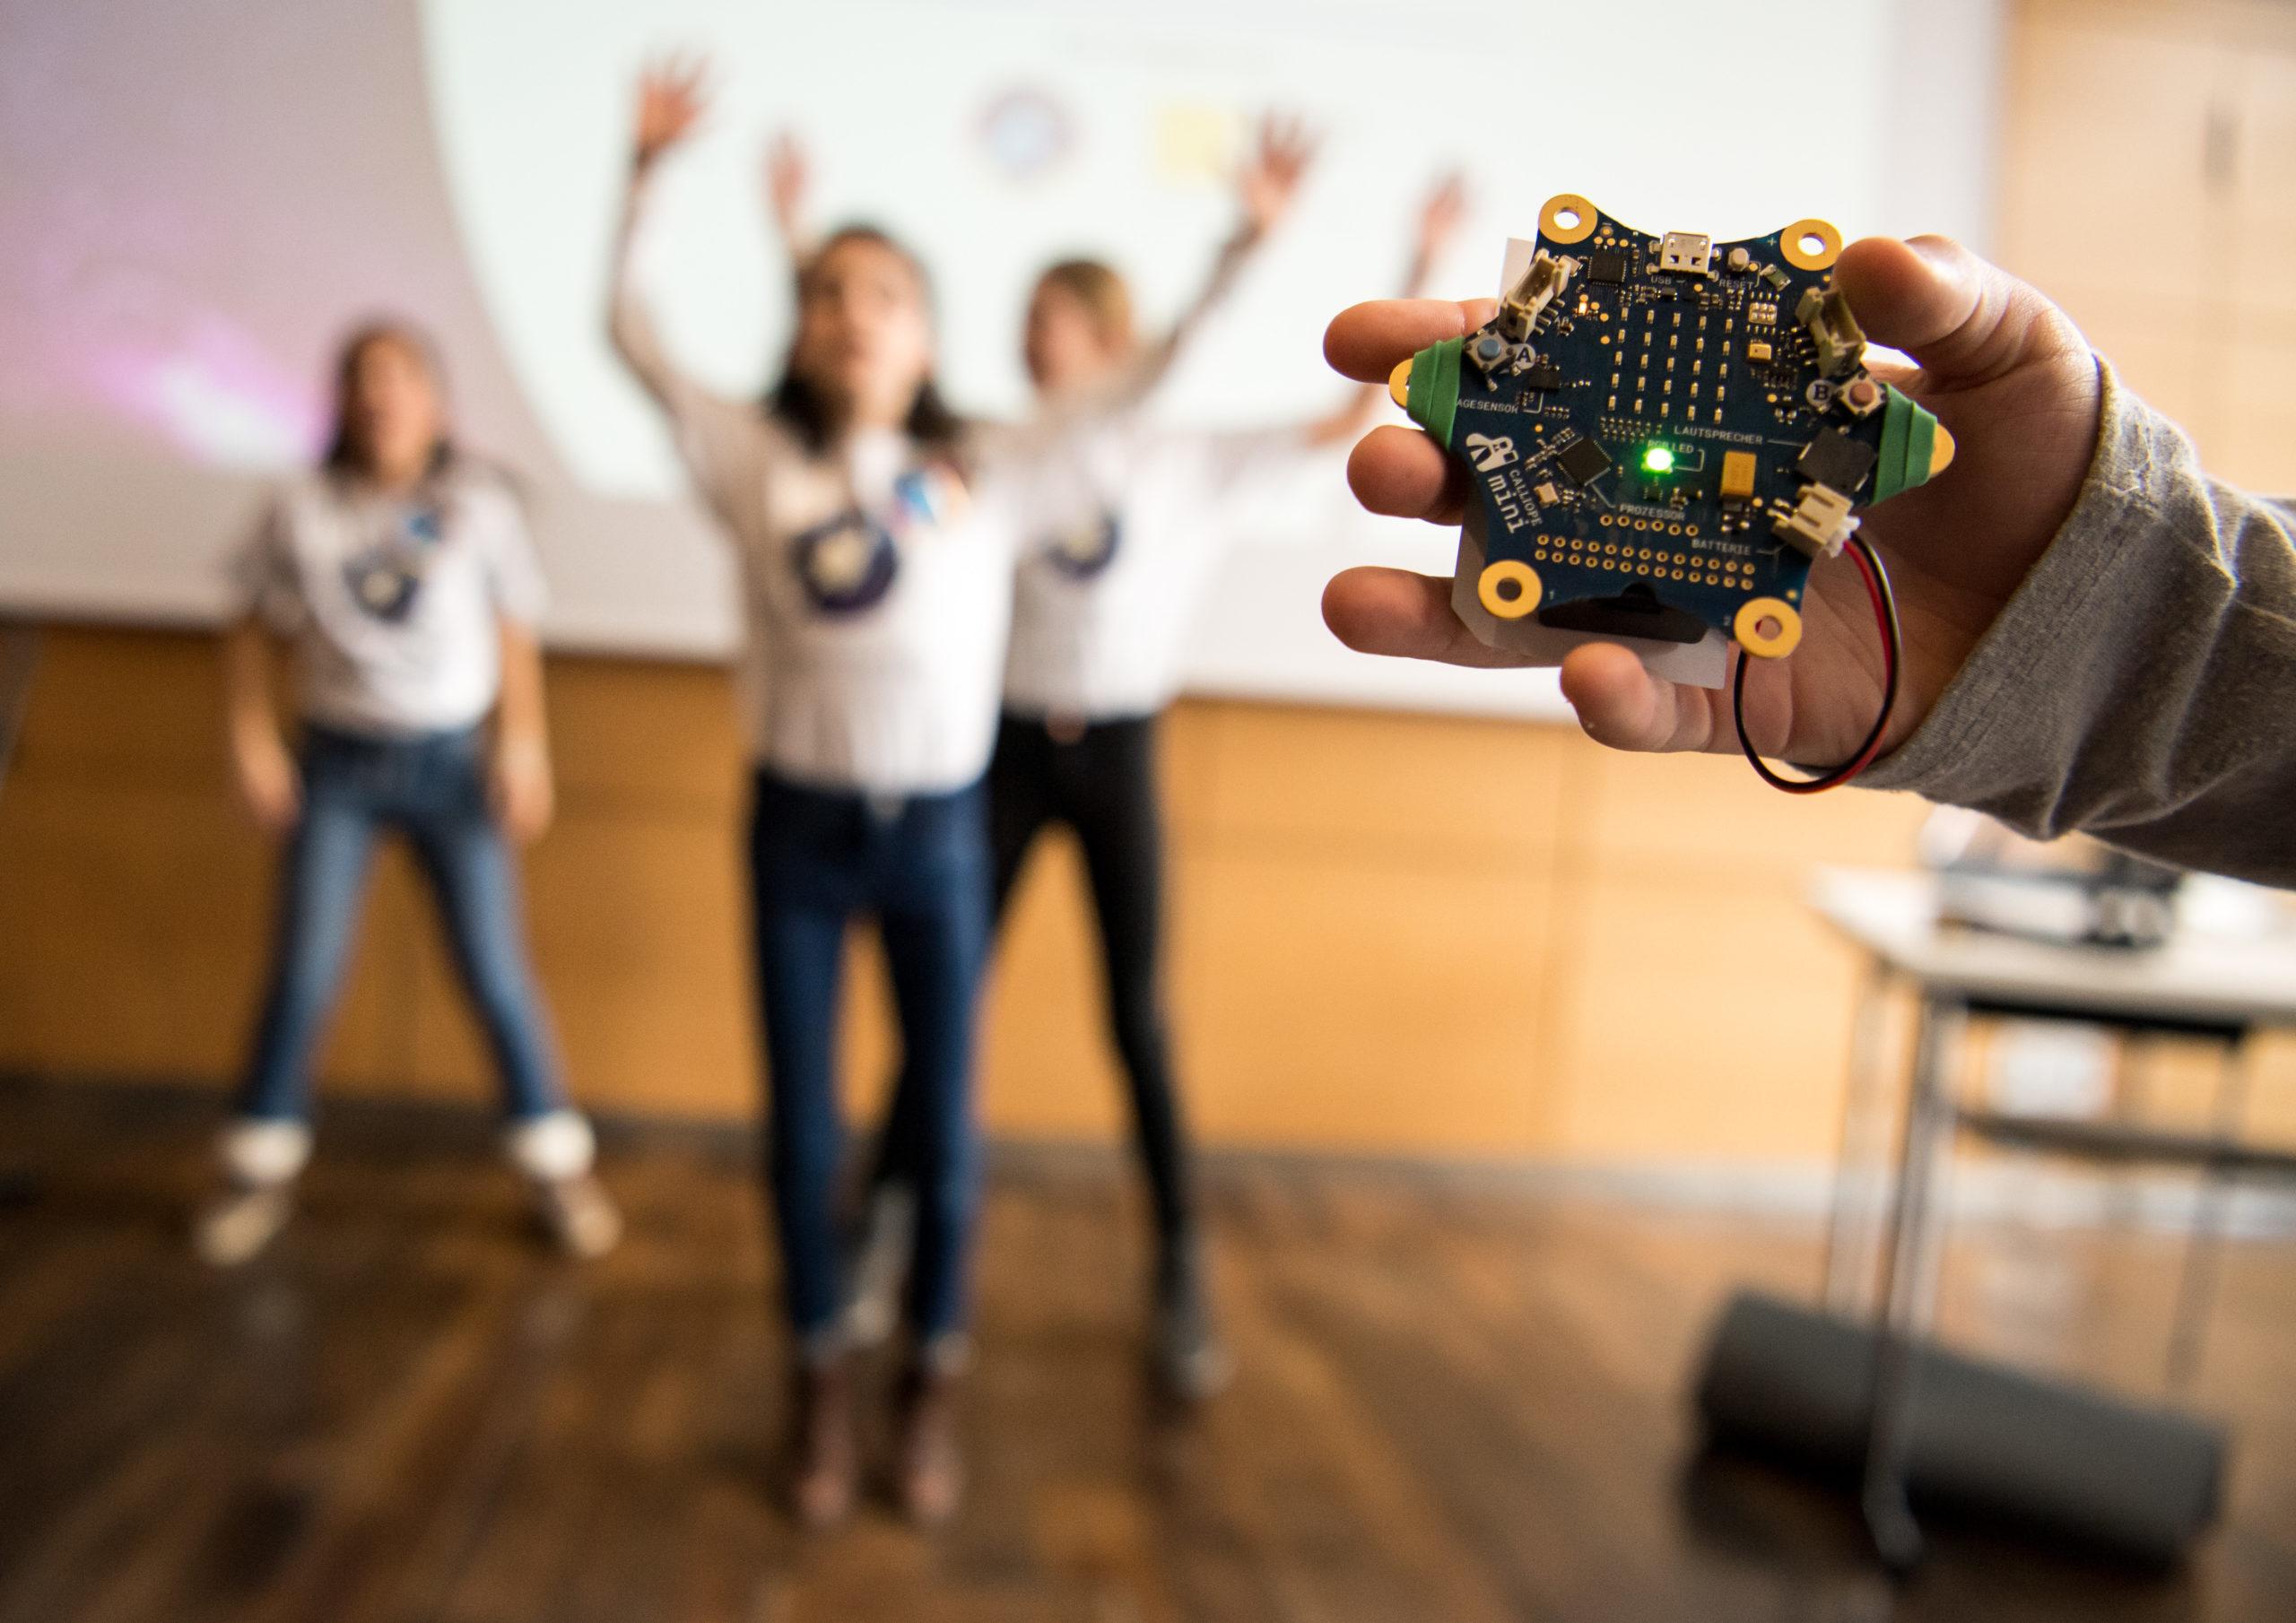 Mit dem Wettbewerb Code4Space greifen Grundschüler*innen nach den Sternen und lernen dabei spielerisch programmieren. (c) Fraunhofer IAIS/Lukas Barth-Tuttas